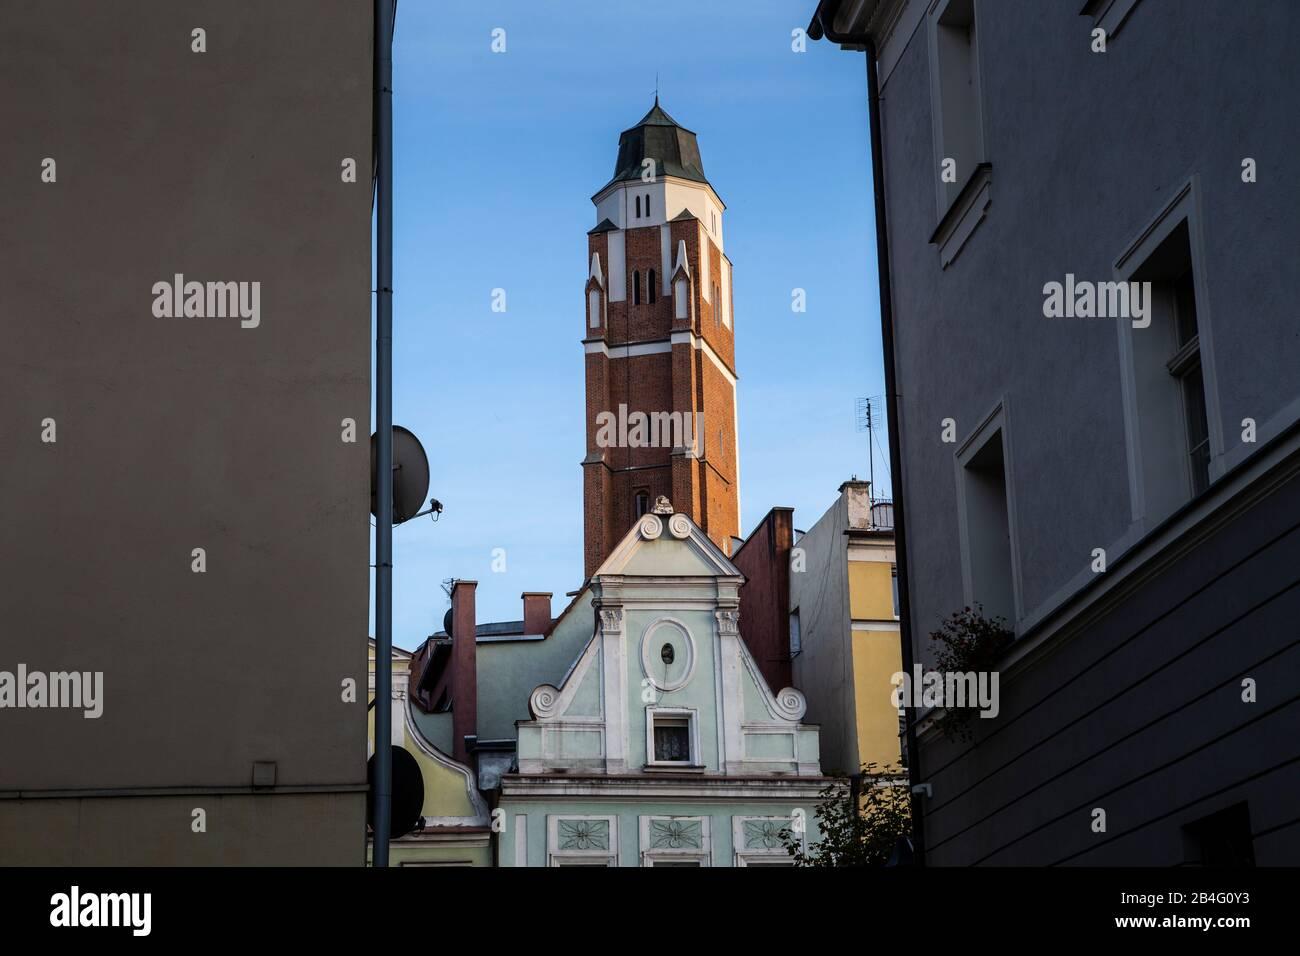 Europa, Polonia, el condado de Nysa, Opole Voivodeship, Paczkow / Patschkau, el ayuntamiento y el centro de la ciudad Foto de stock